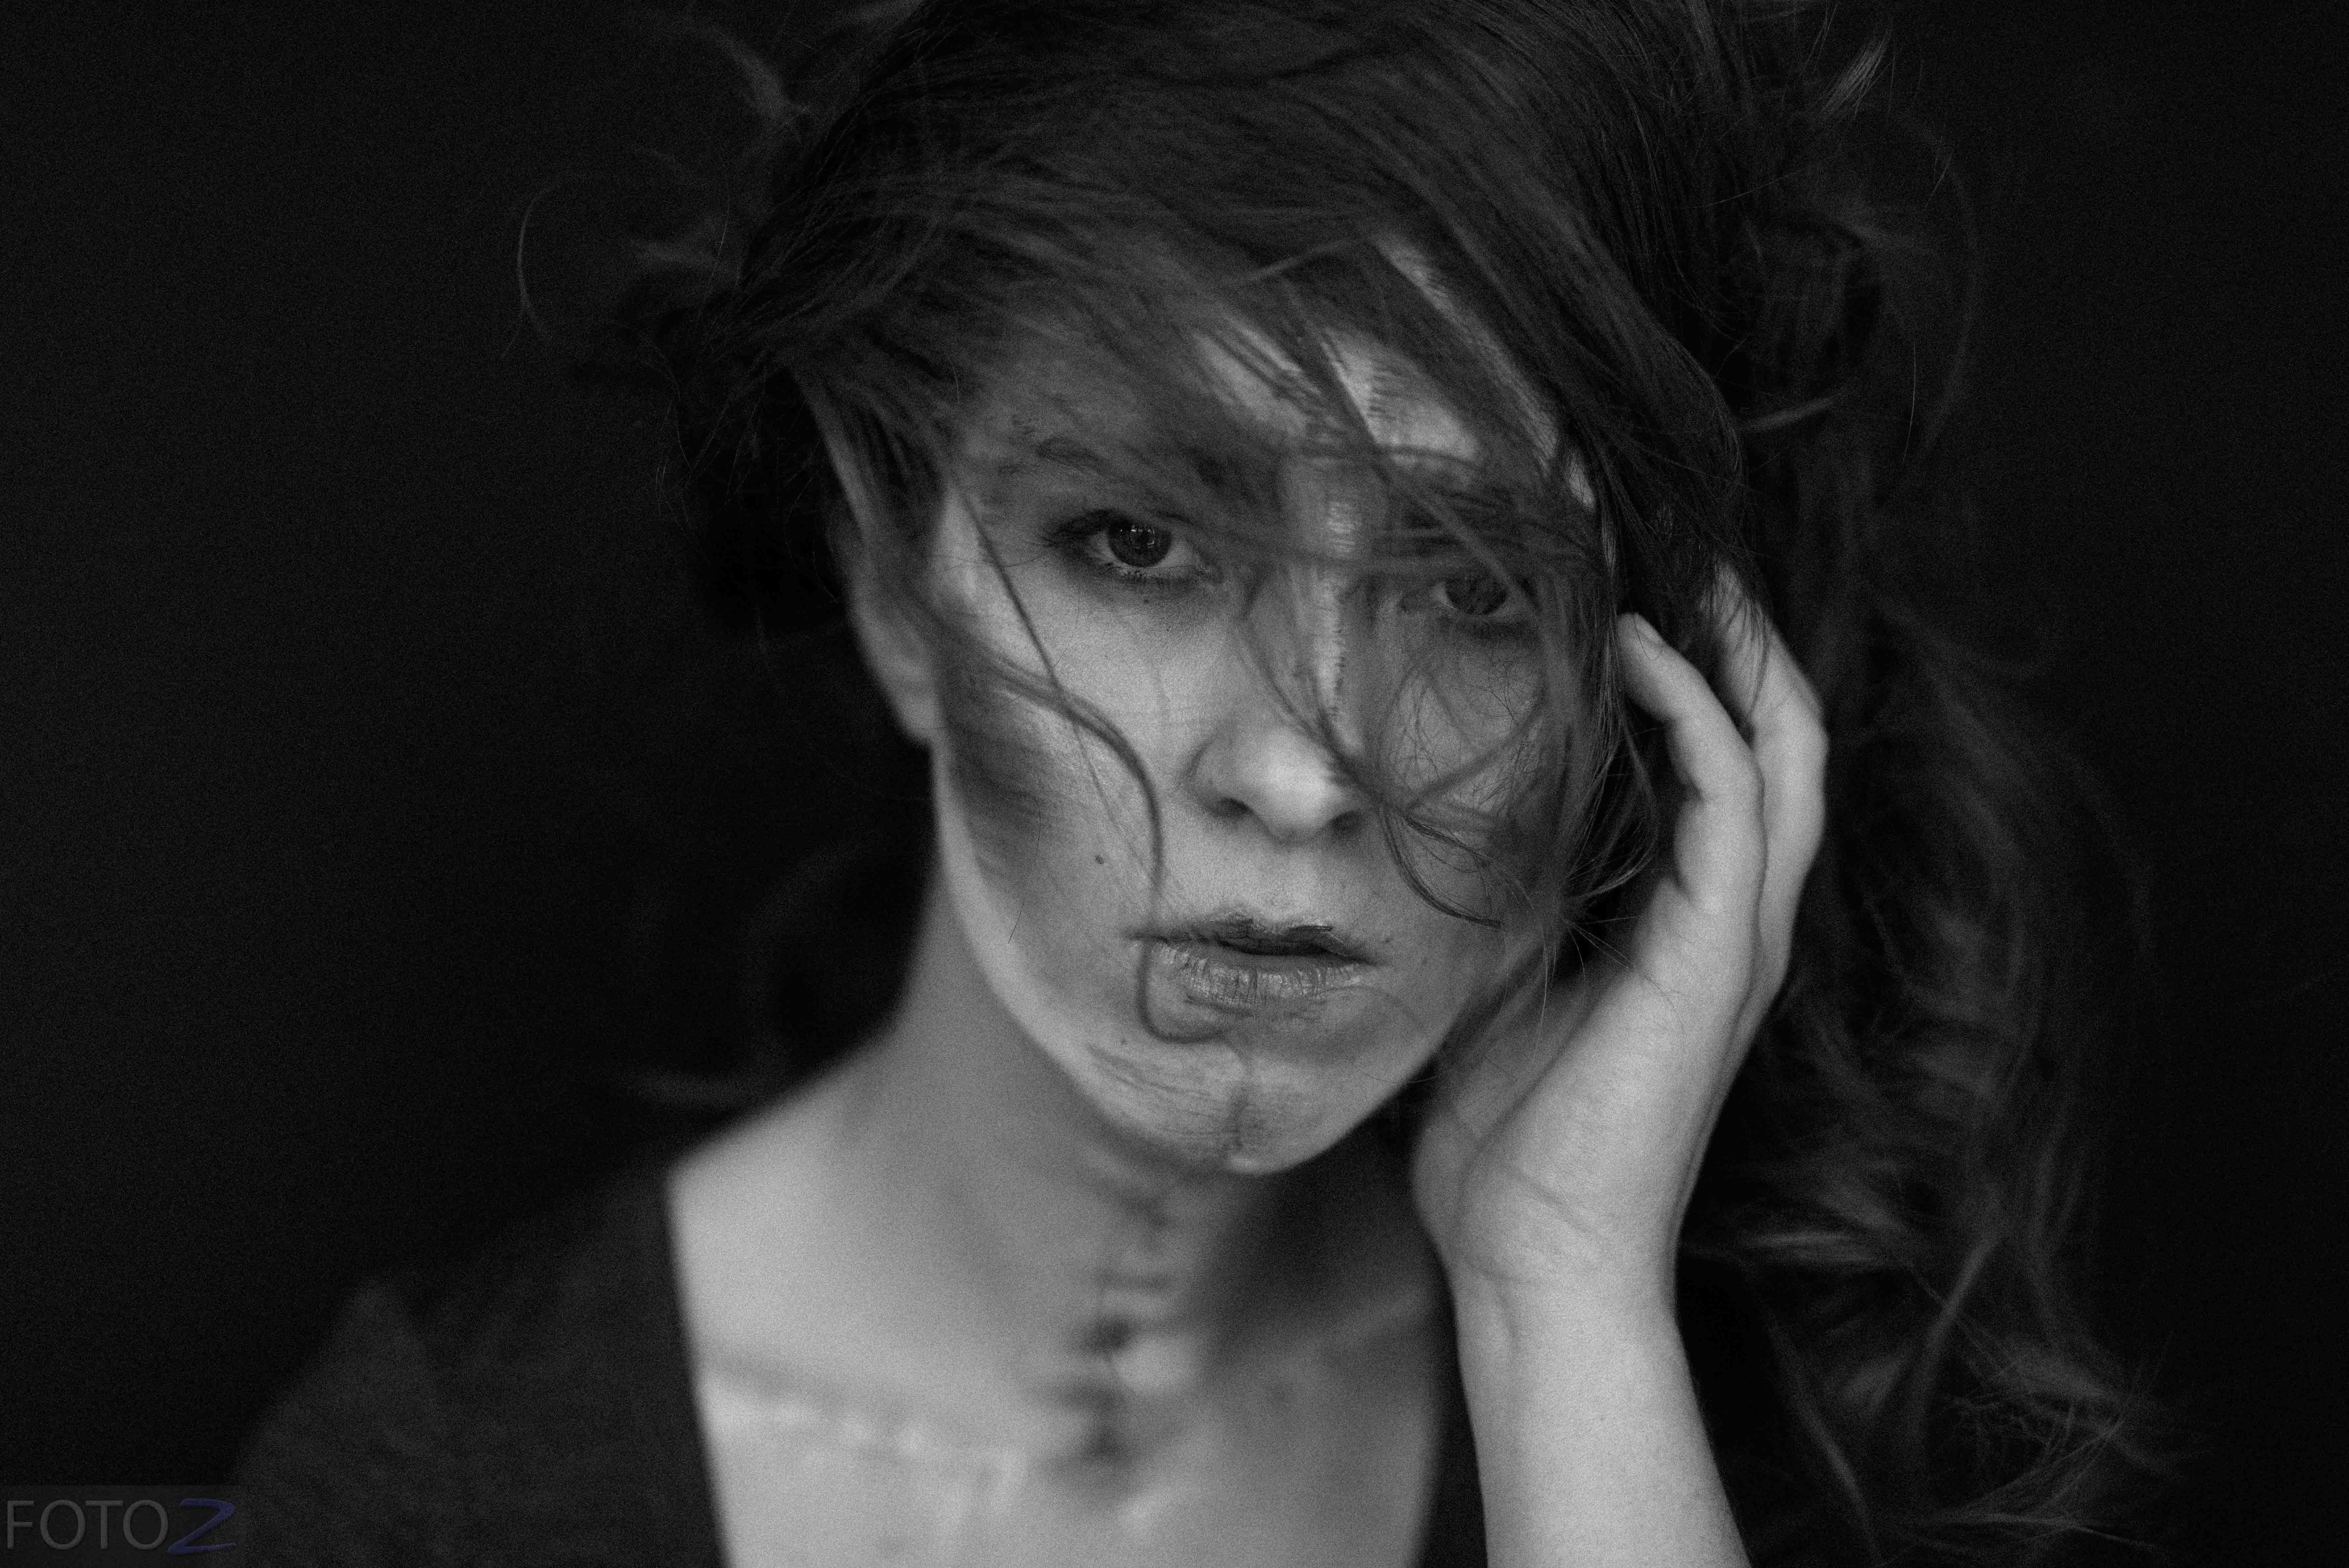 Amy Catherine